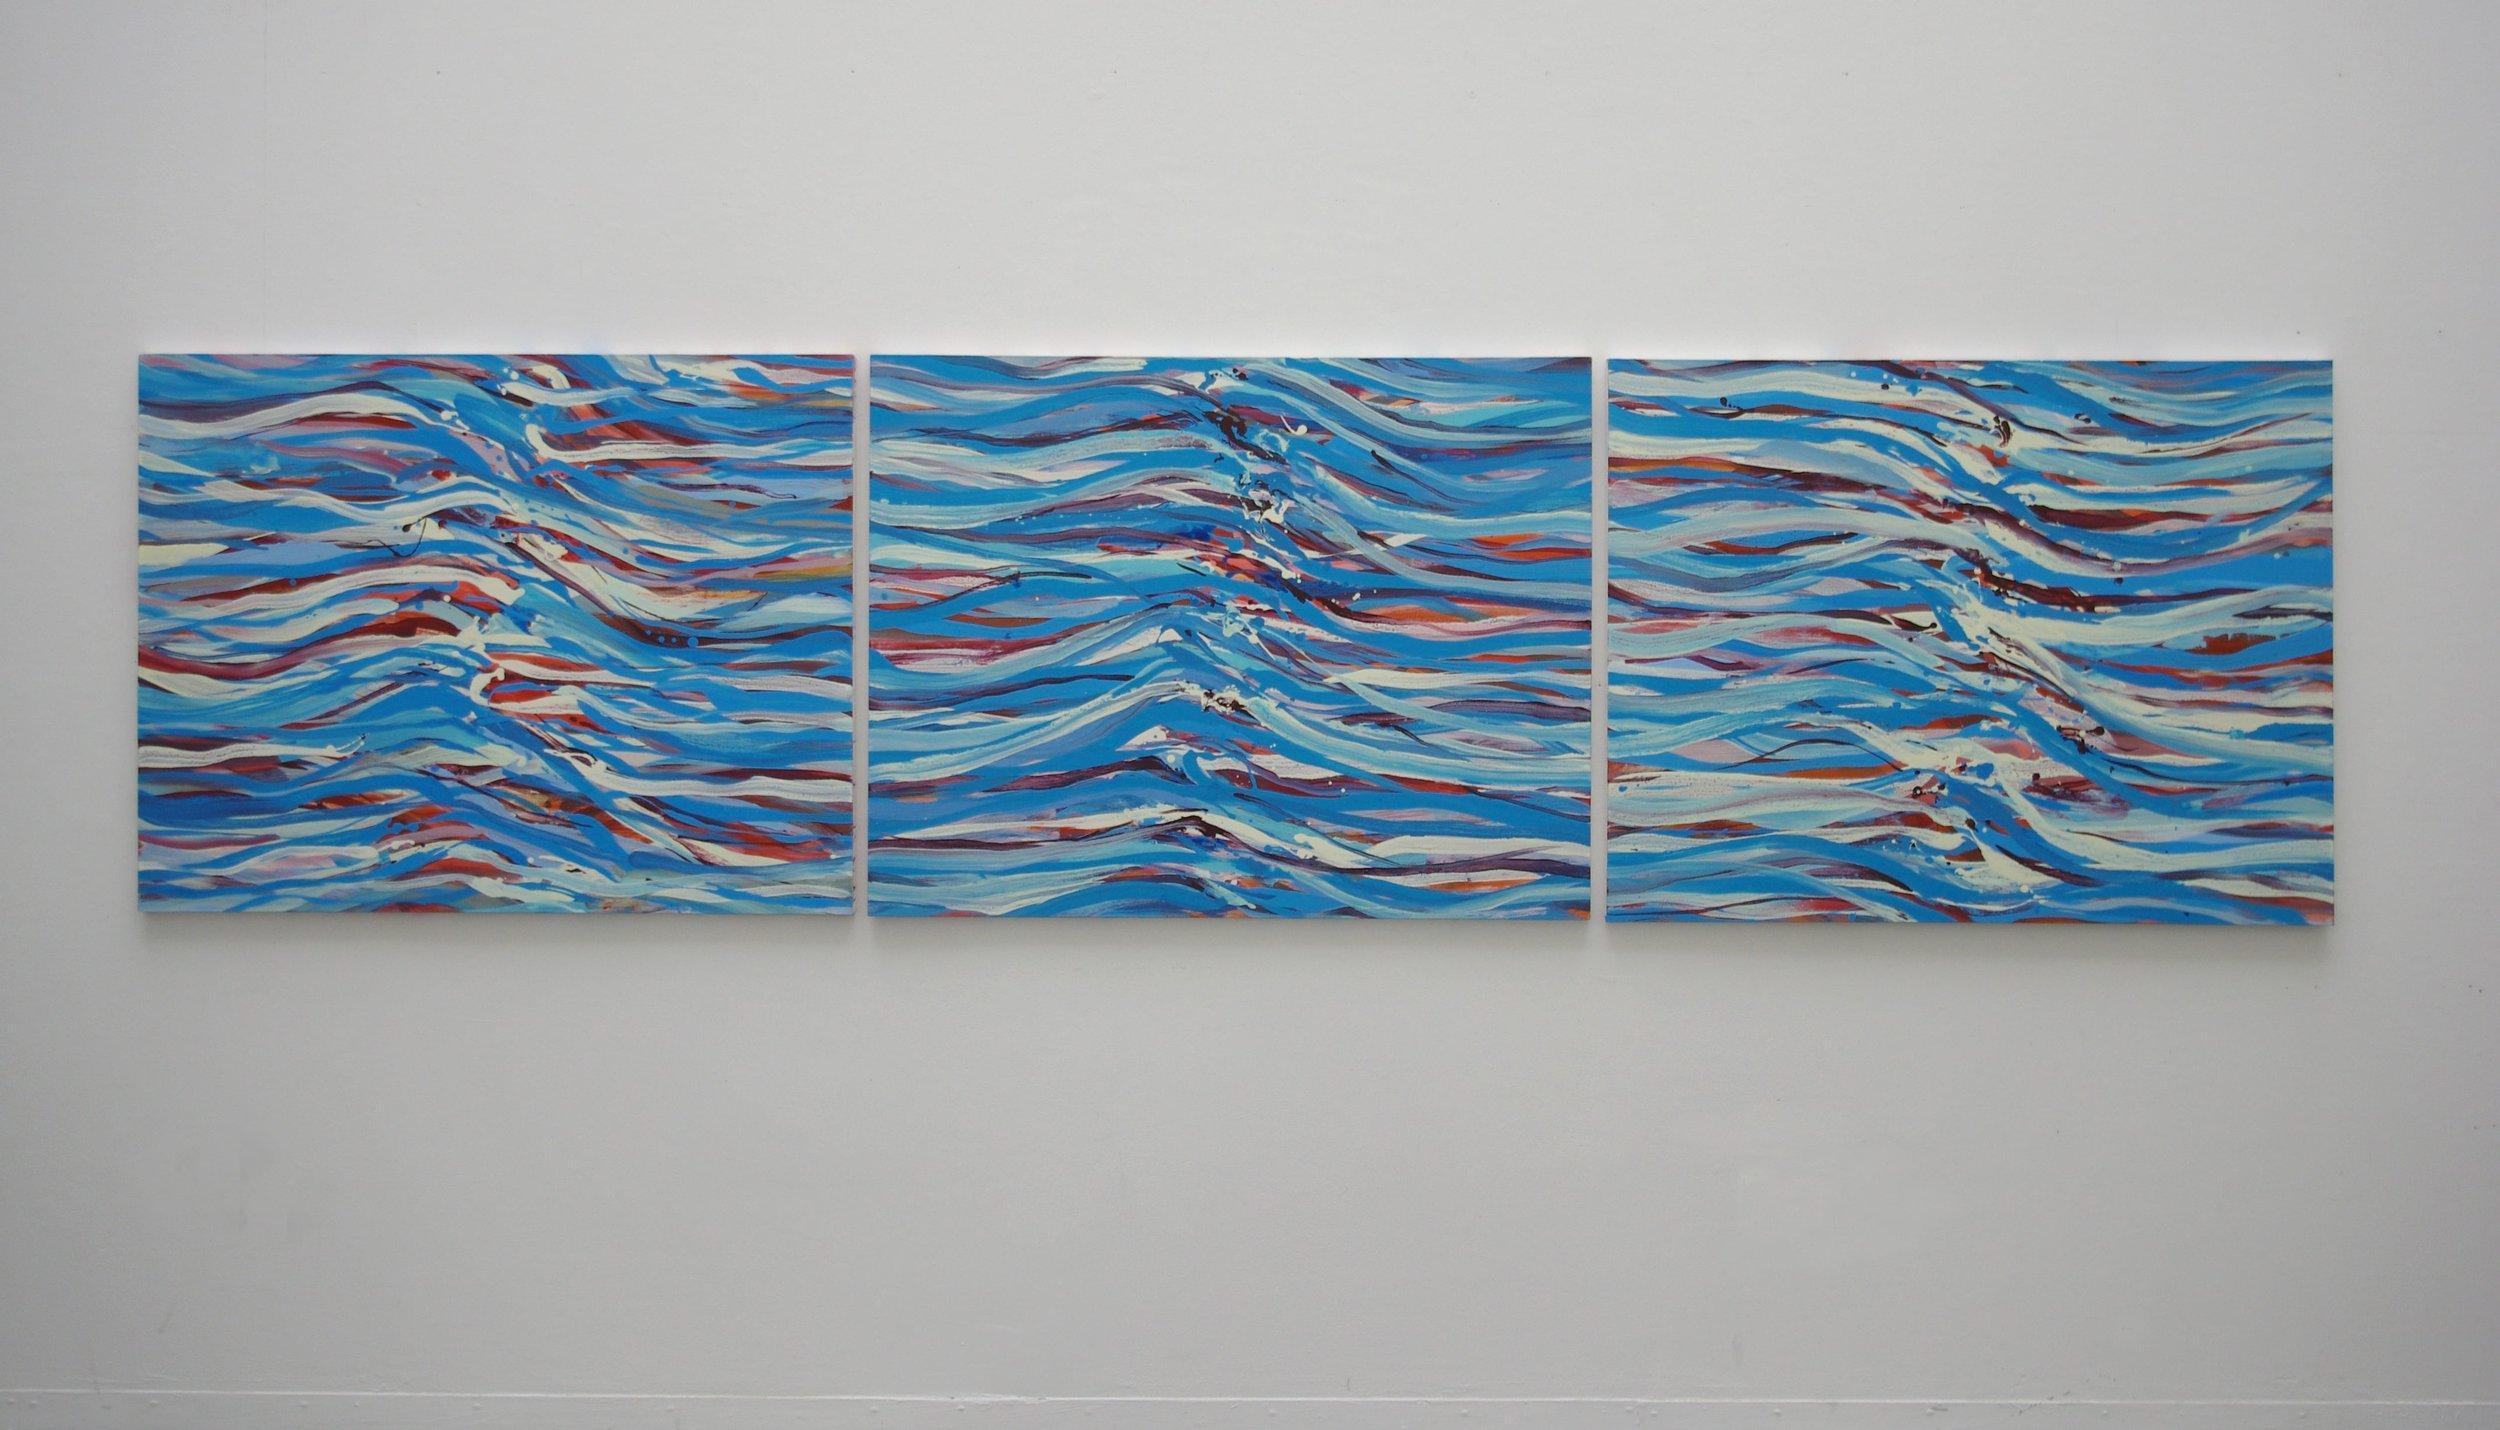 Rhythm Triptych  2014, 405 x 105cm acrylic on canvas